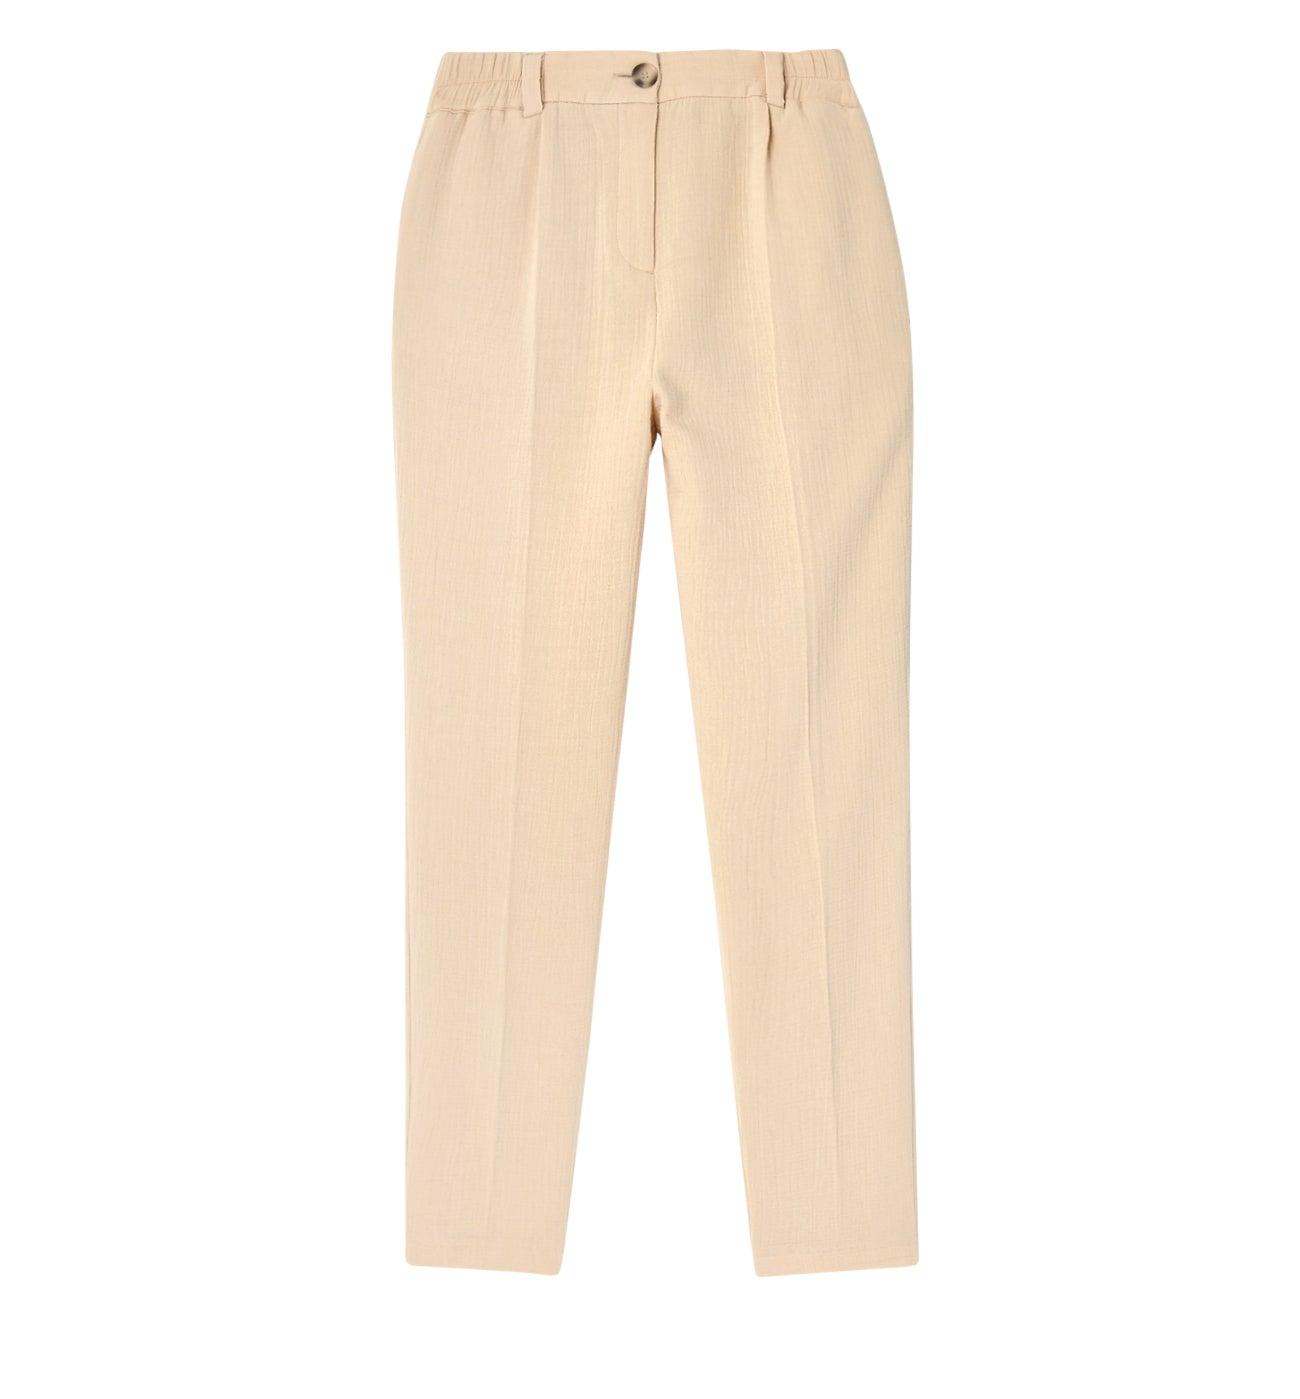 Pantalon gaufré Femme